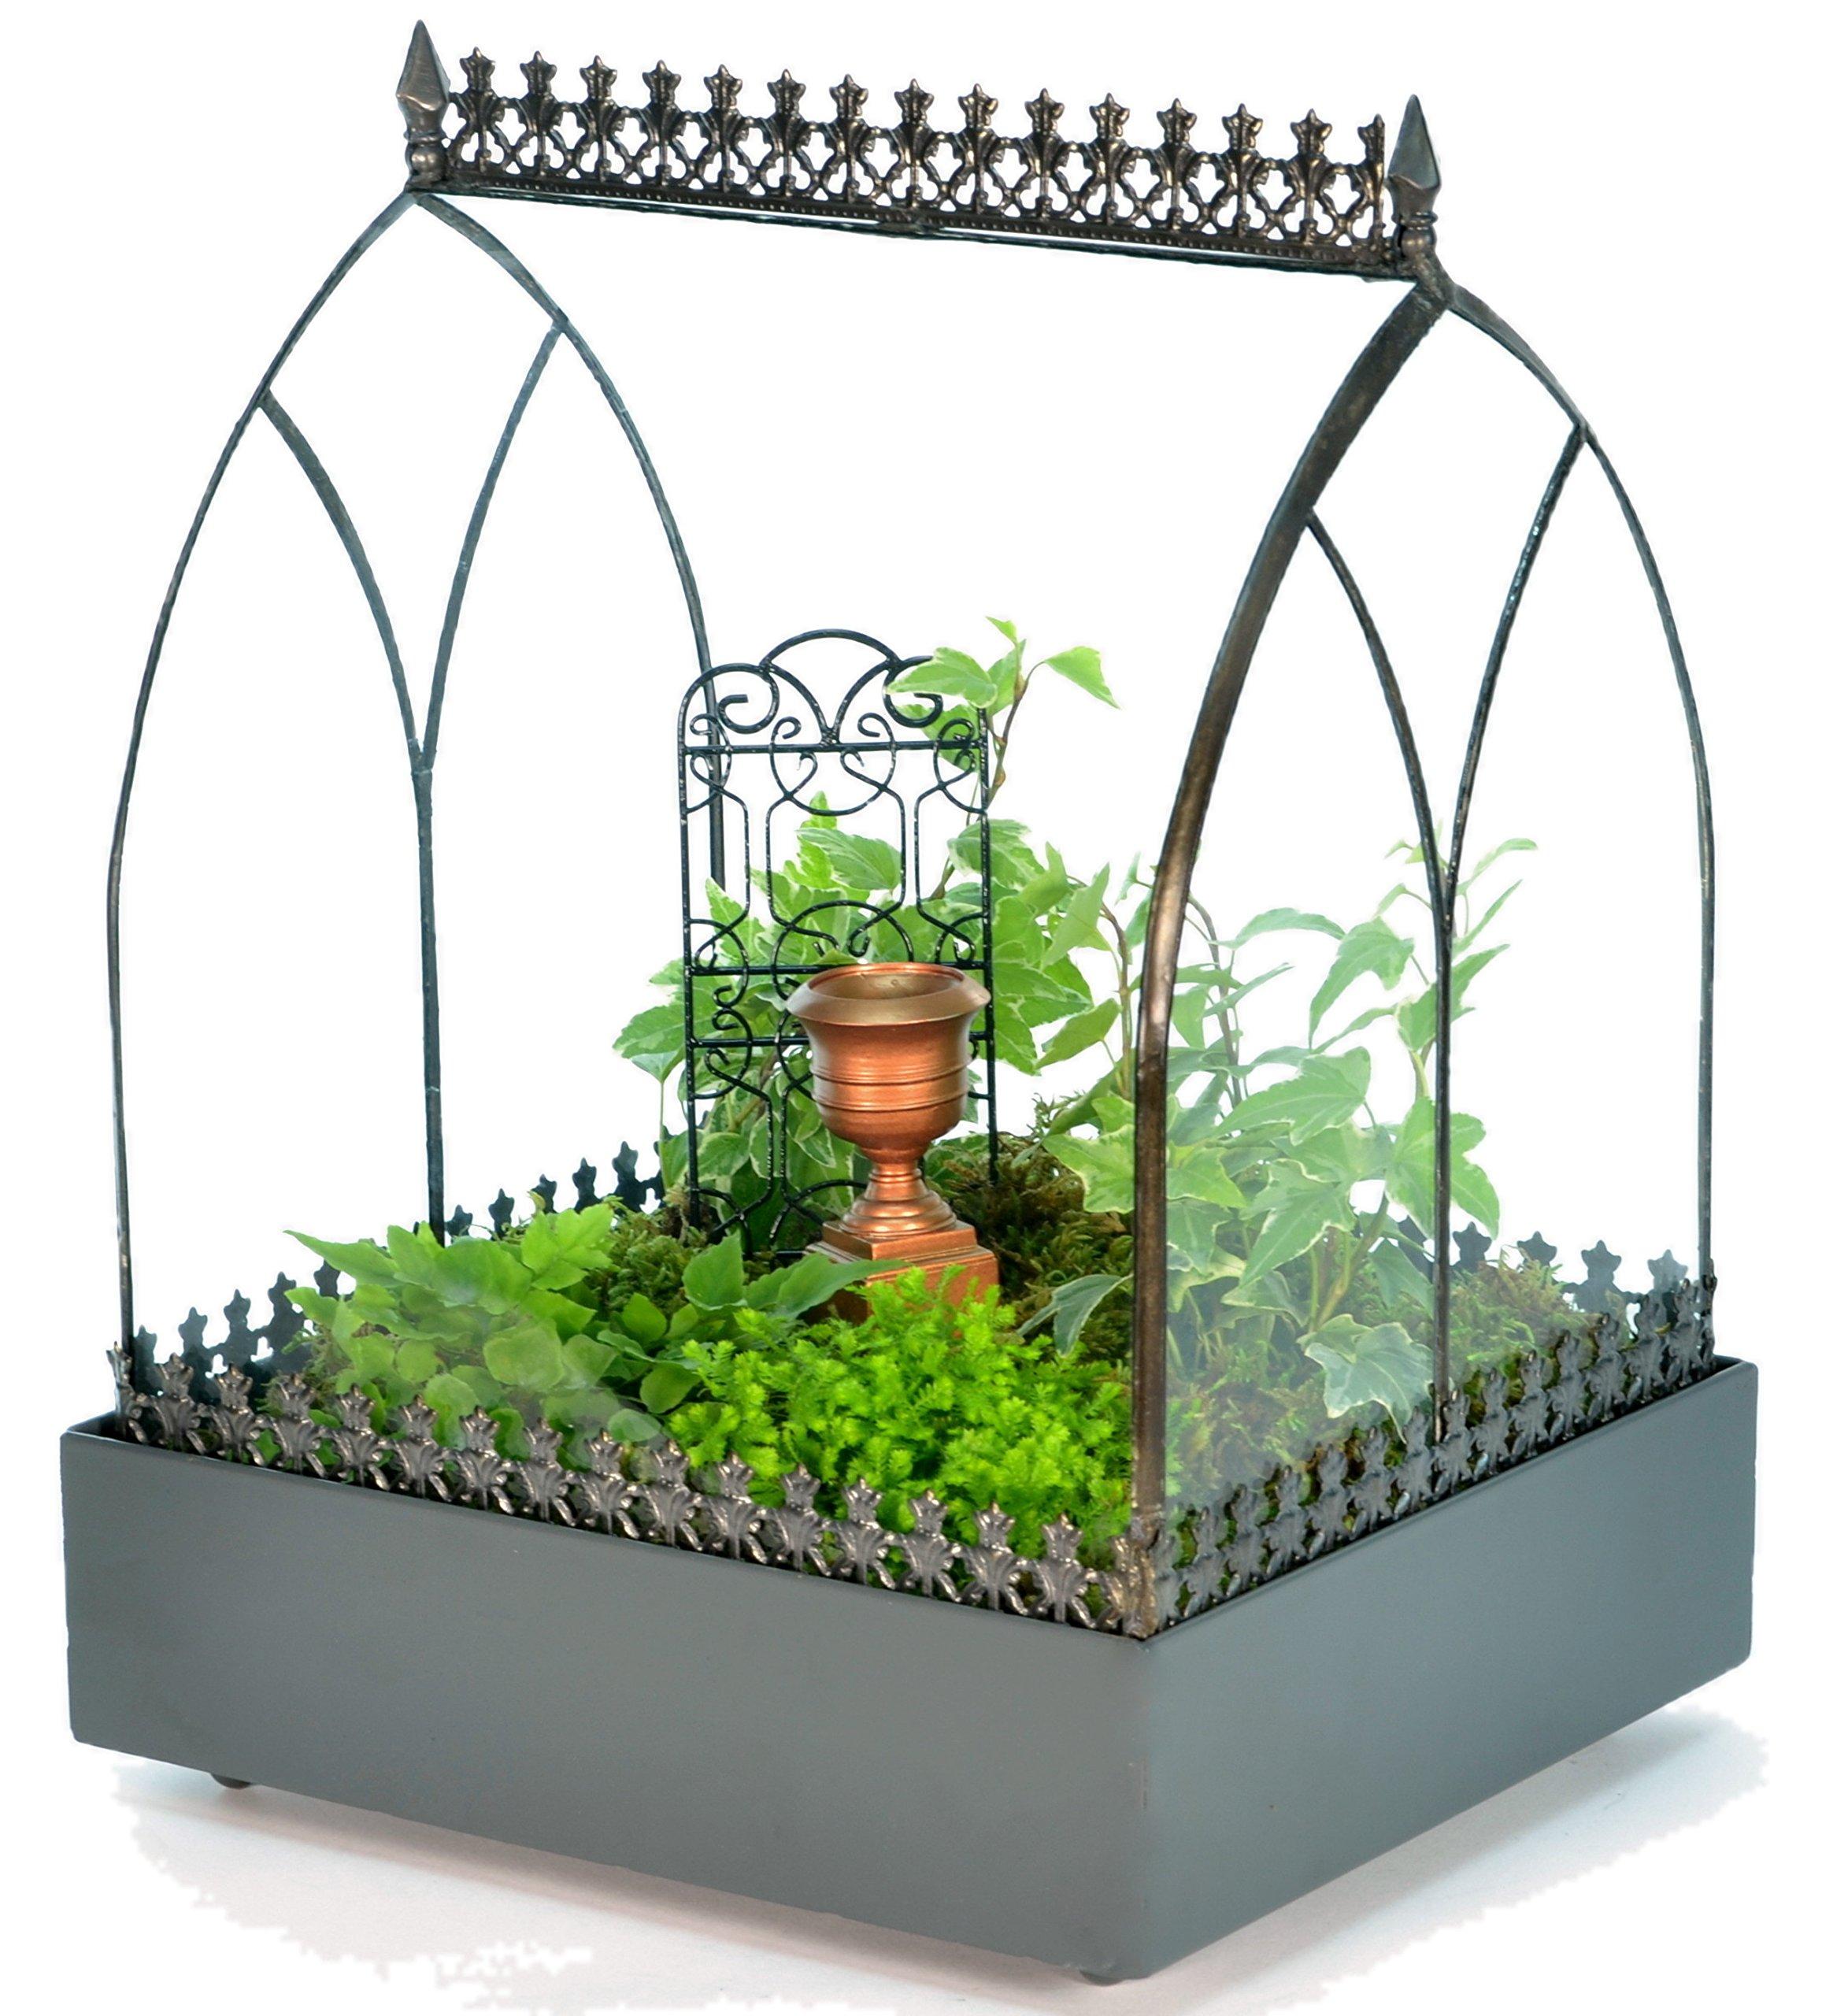 H Potter Terrarium Wardian Case Glass Succulent Plant Container Planter WAR142 by H Potter